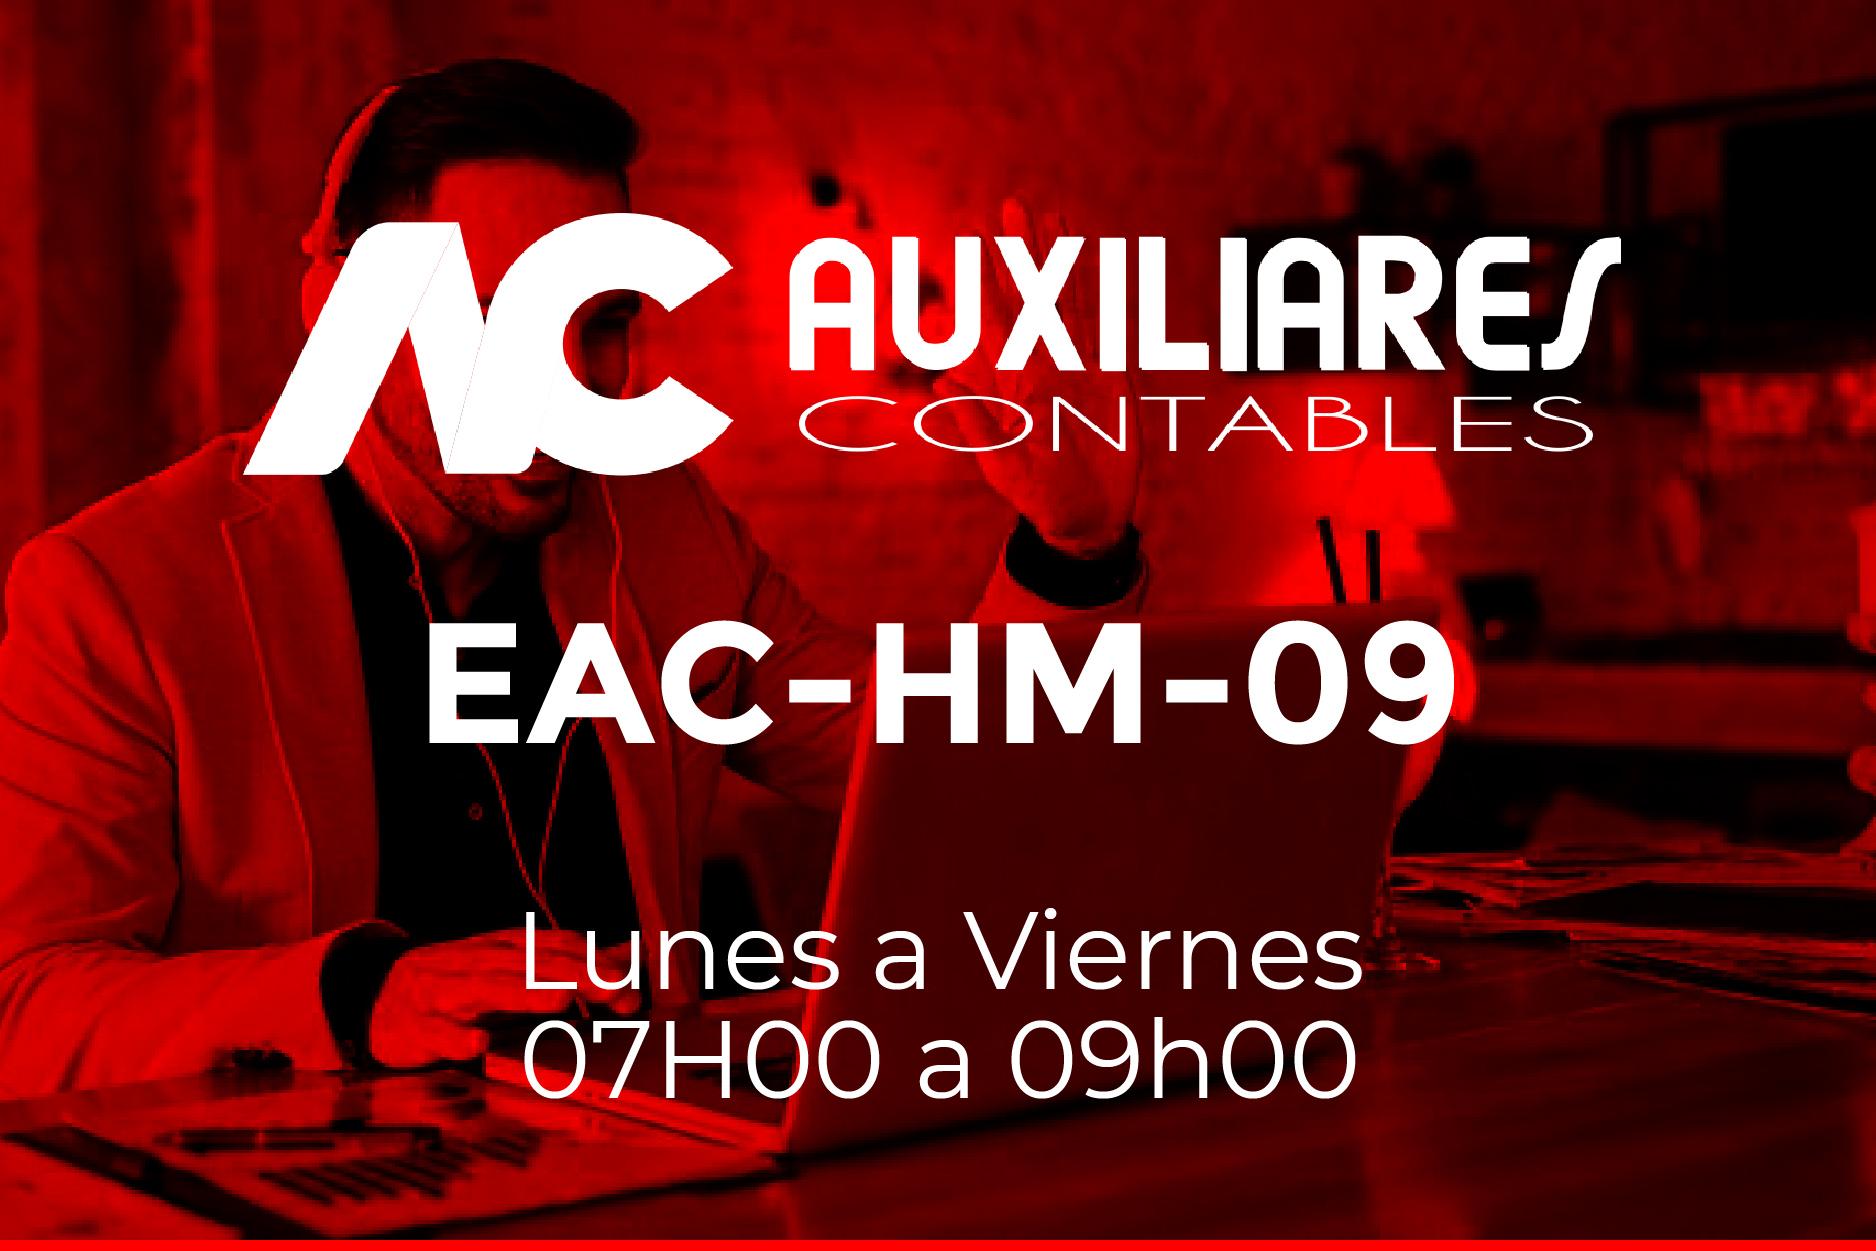 9 - AUXILIARES CONTABLES - LUNES A VIERNES - 07:00 A 09:00